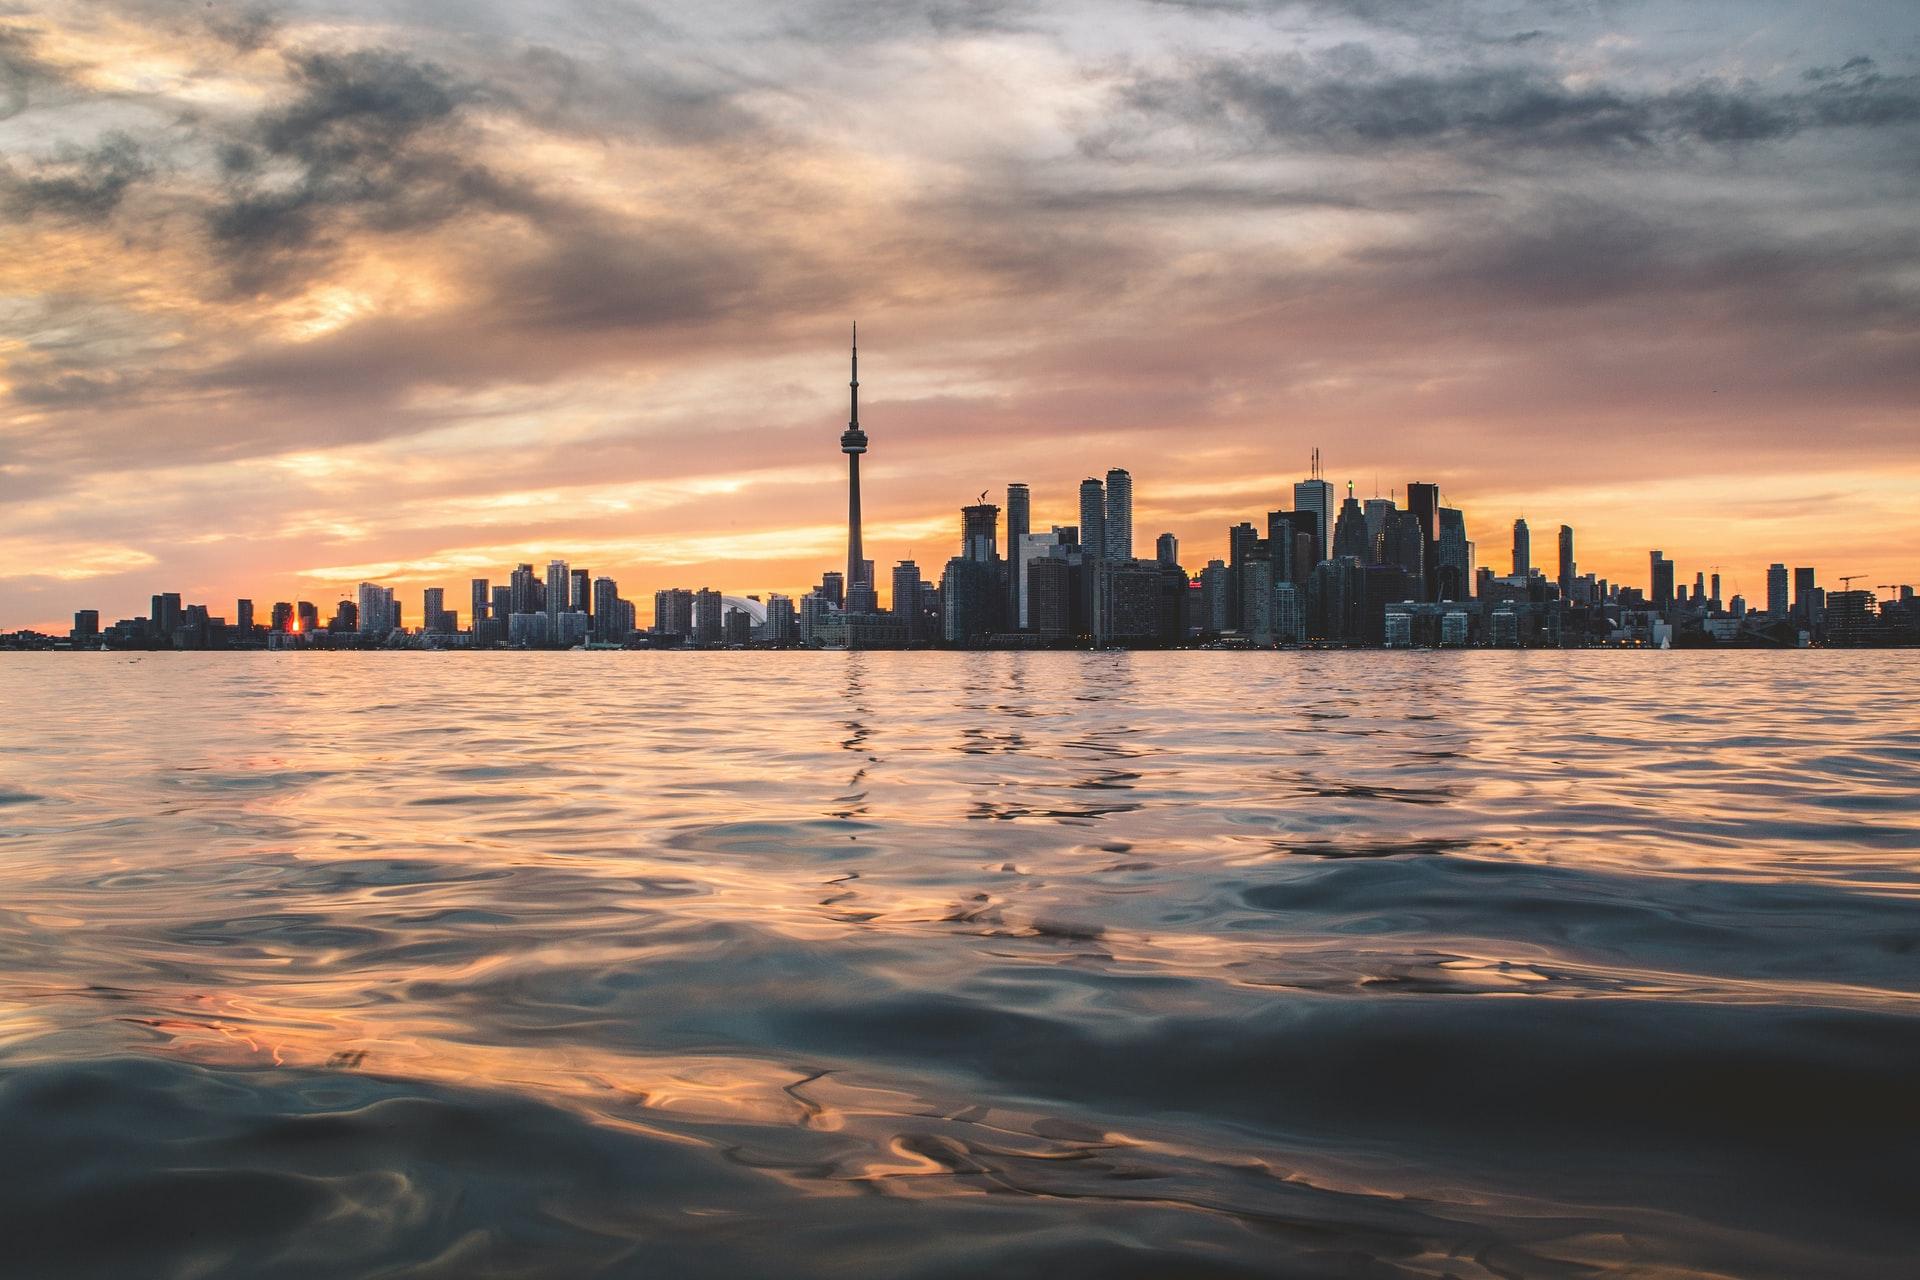 Toronto Canada skyline as dusk